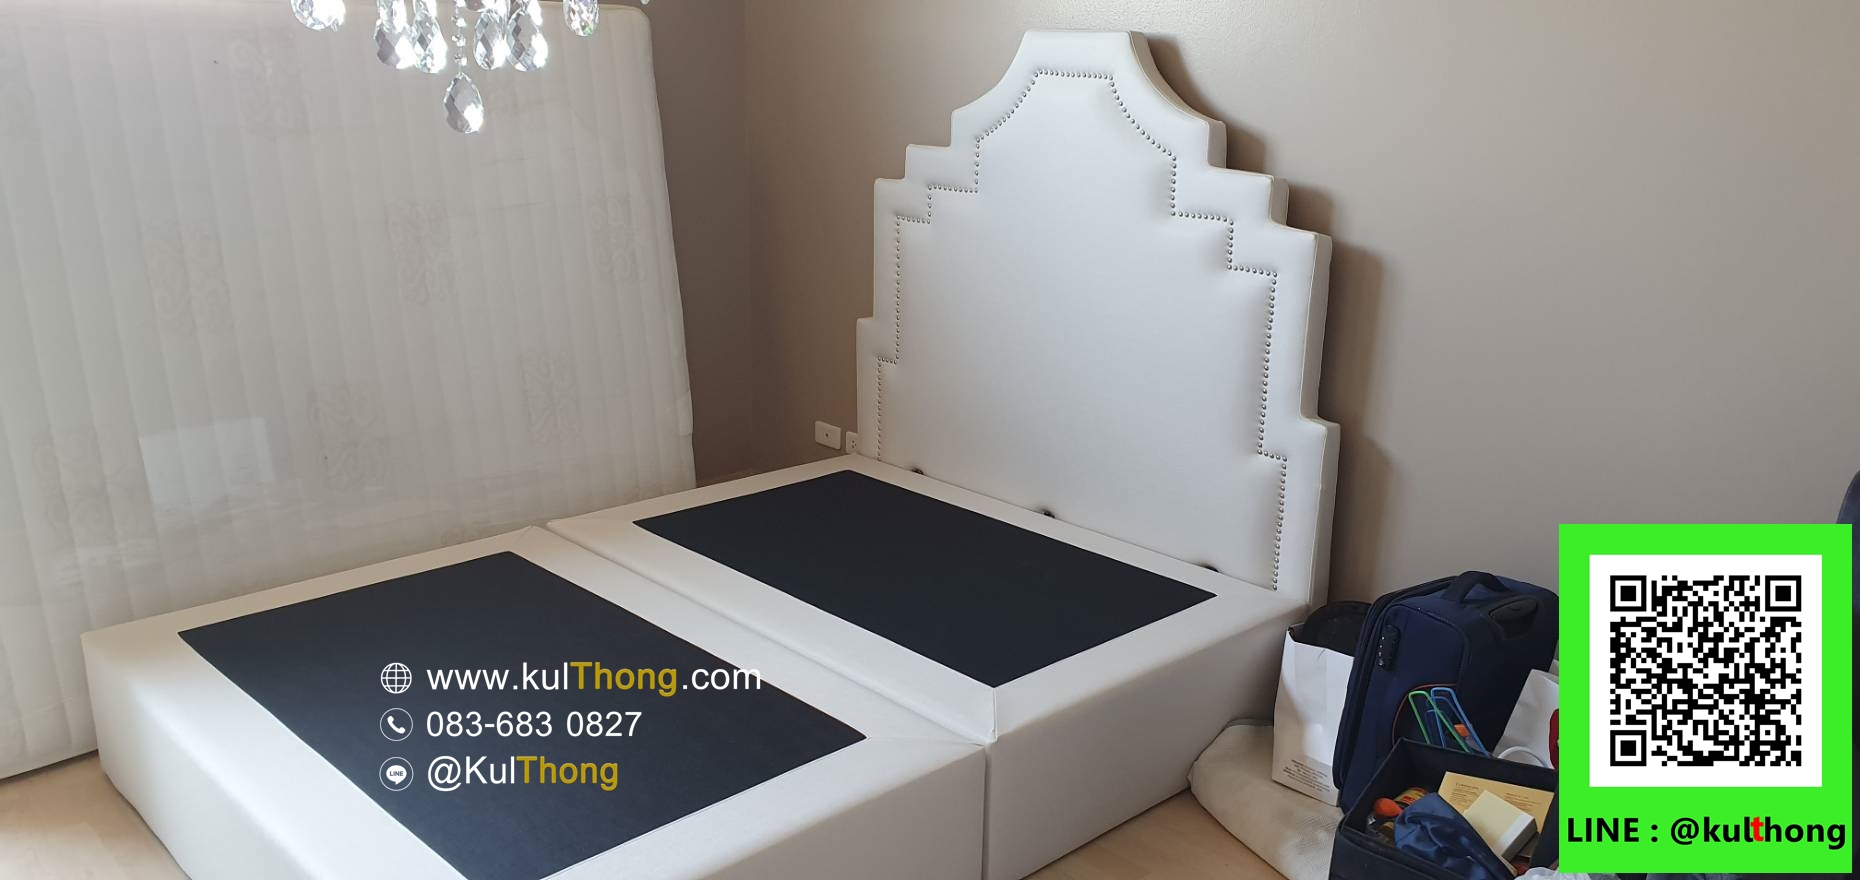 เตียงหุ้มหนัง ฐานเตียงแบบมีหัวเตียง หัวเตียงตอกหมุด หัวเตียงขั้นบันได